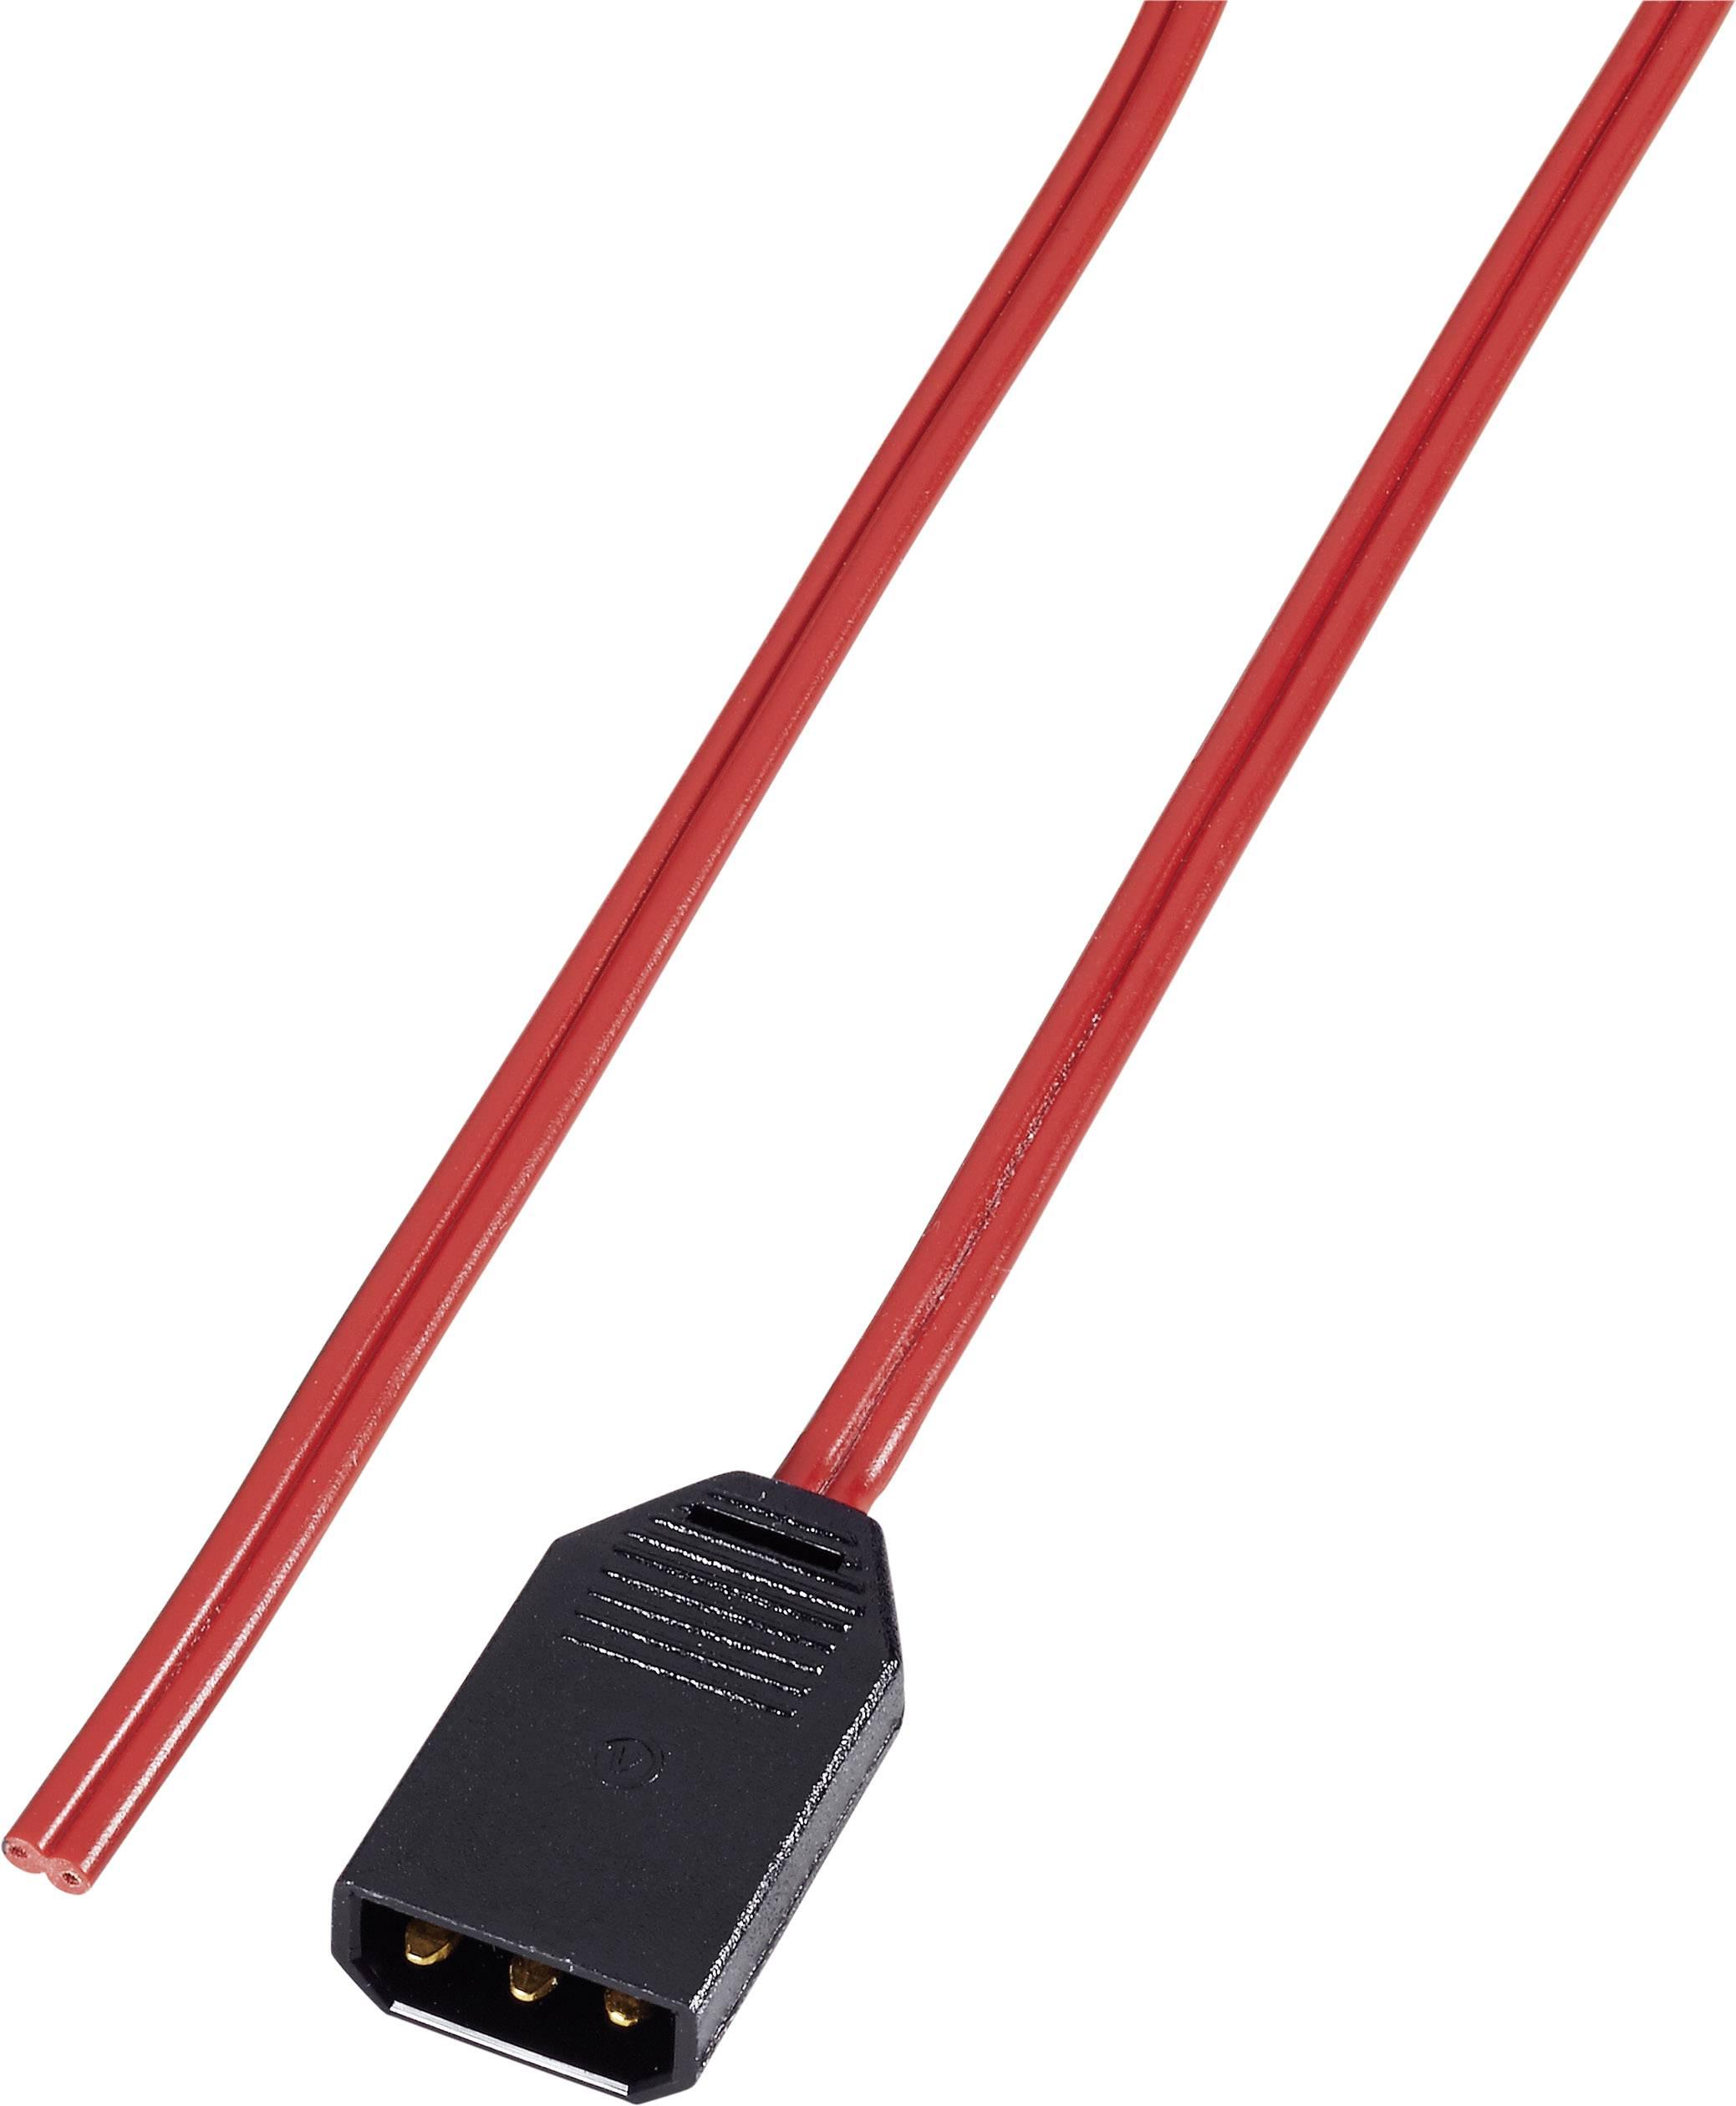 Napájecí kabel přijímače Modelcraft, MPX zástrčka, 0,14 mm²